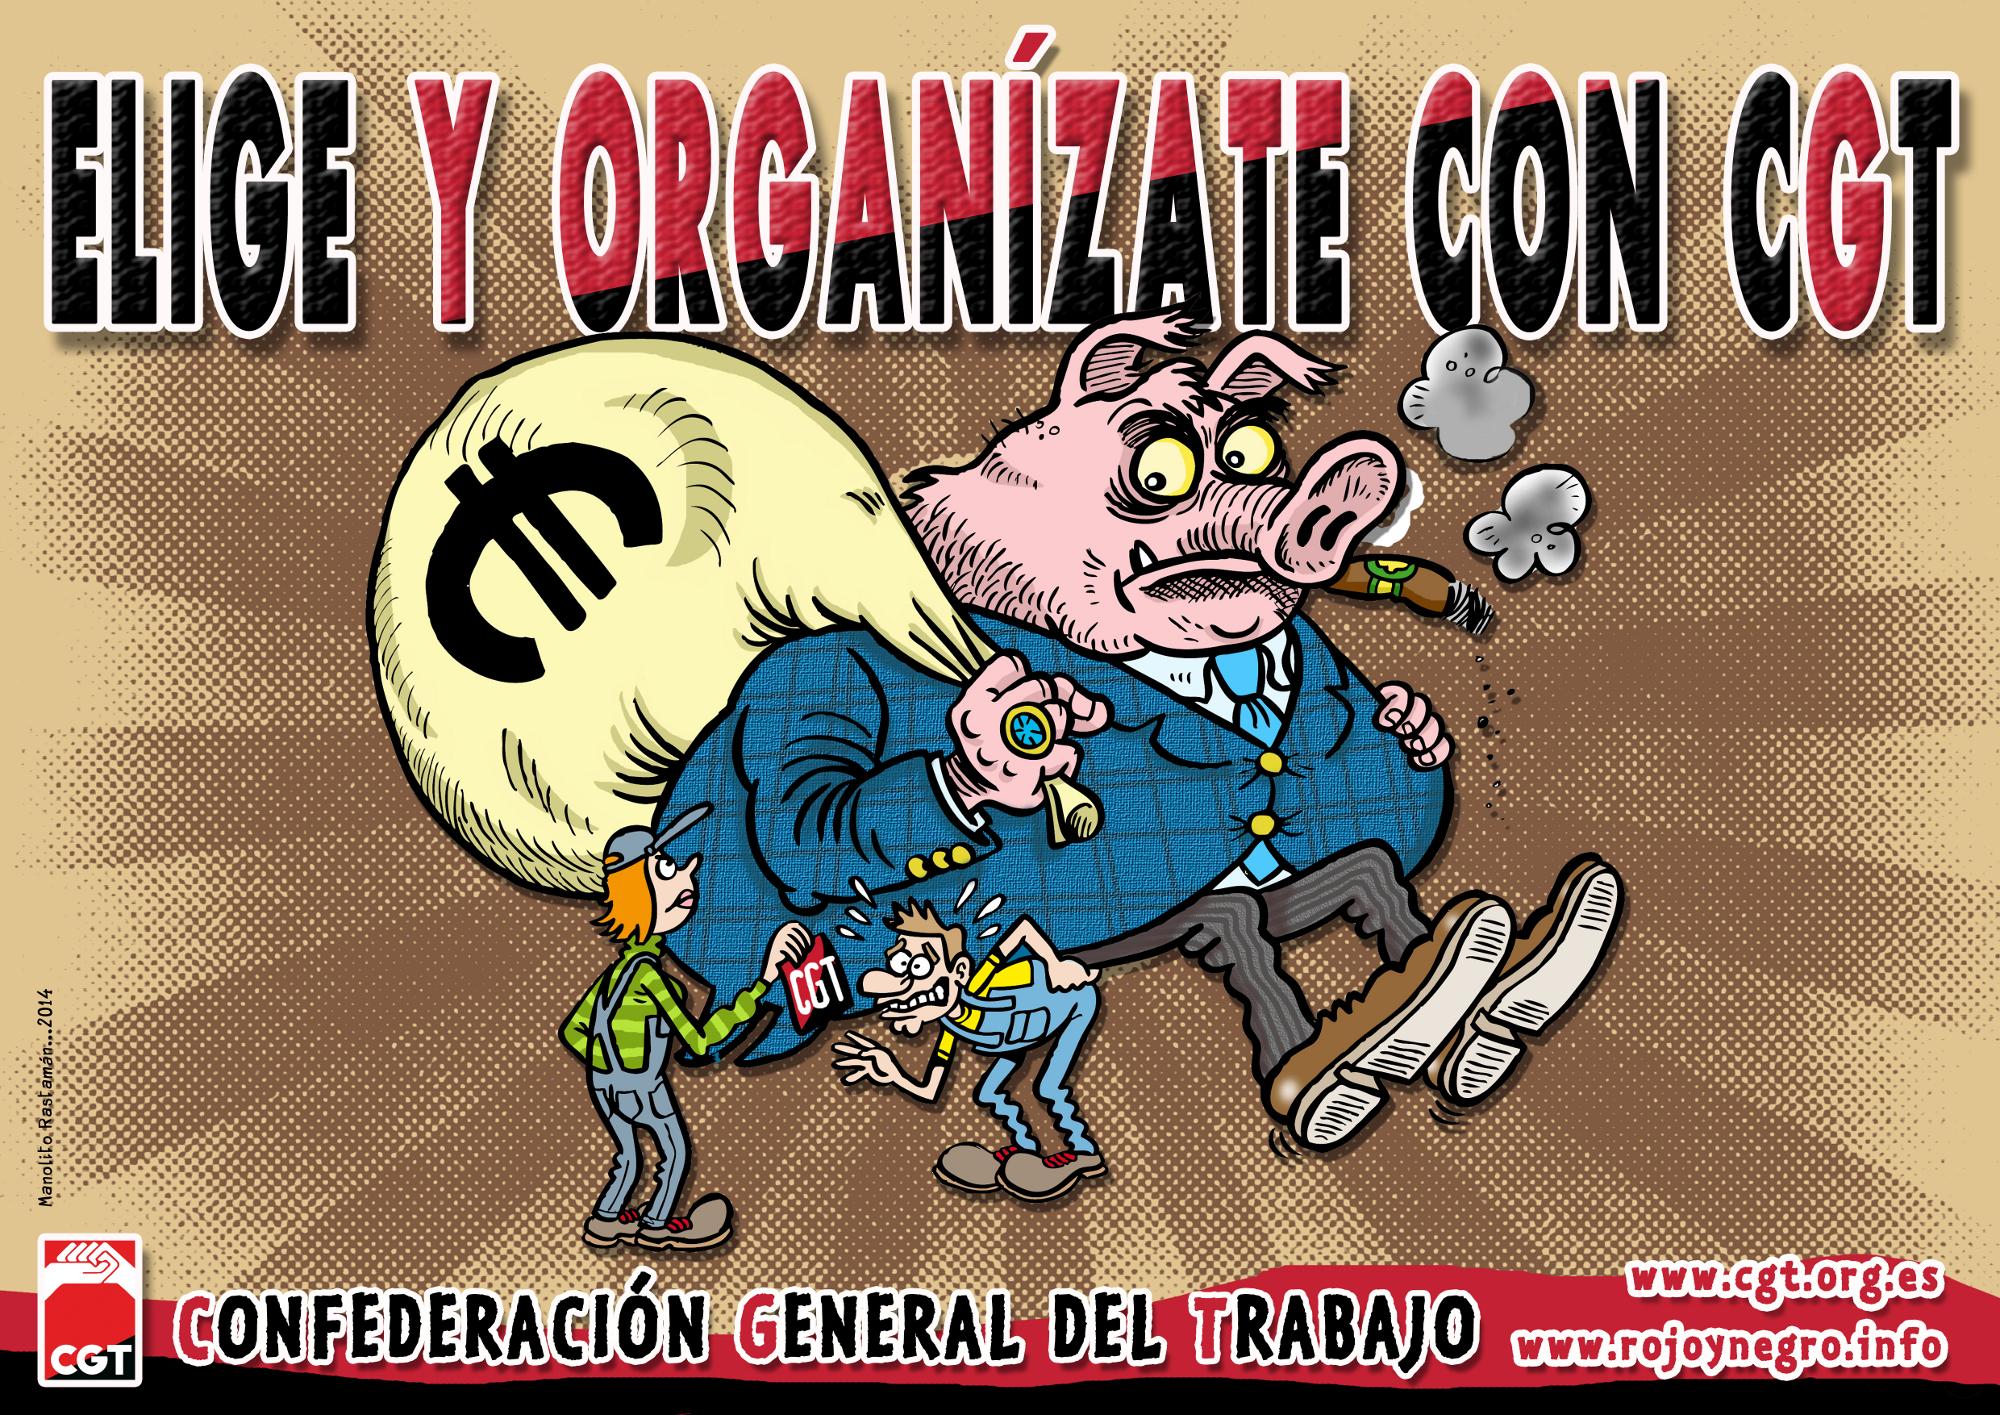 Elige y Organízate conCGT